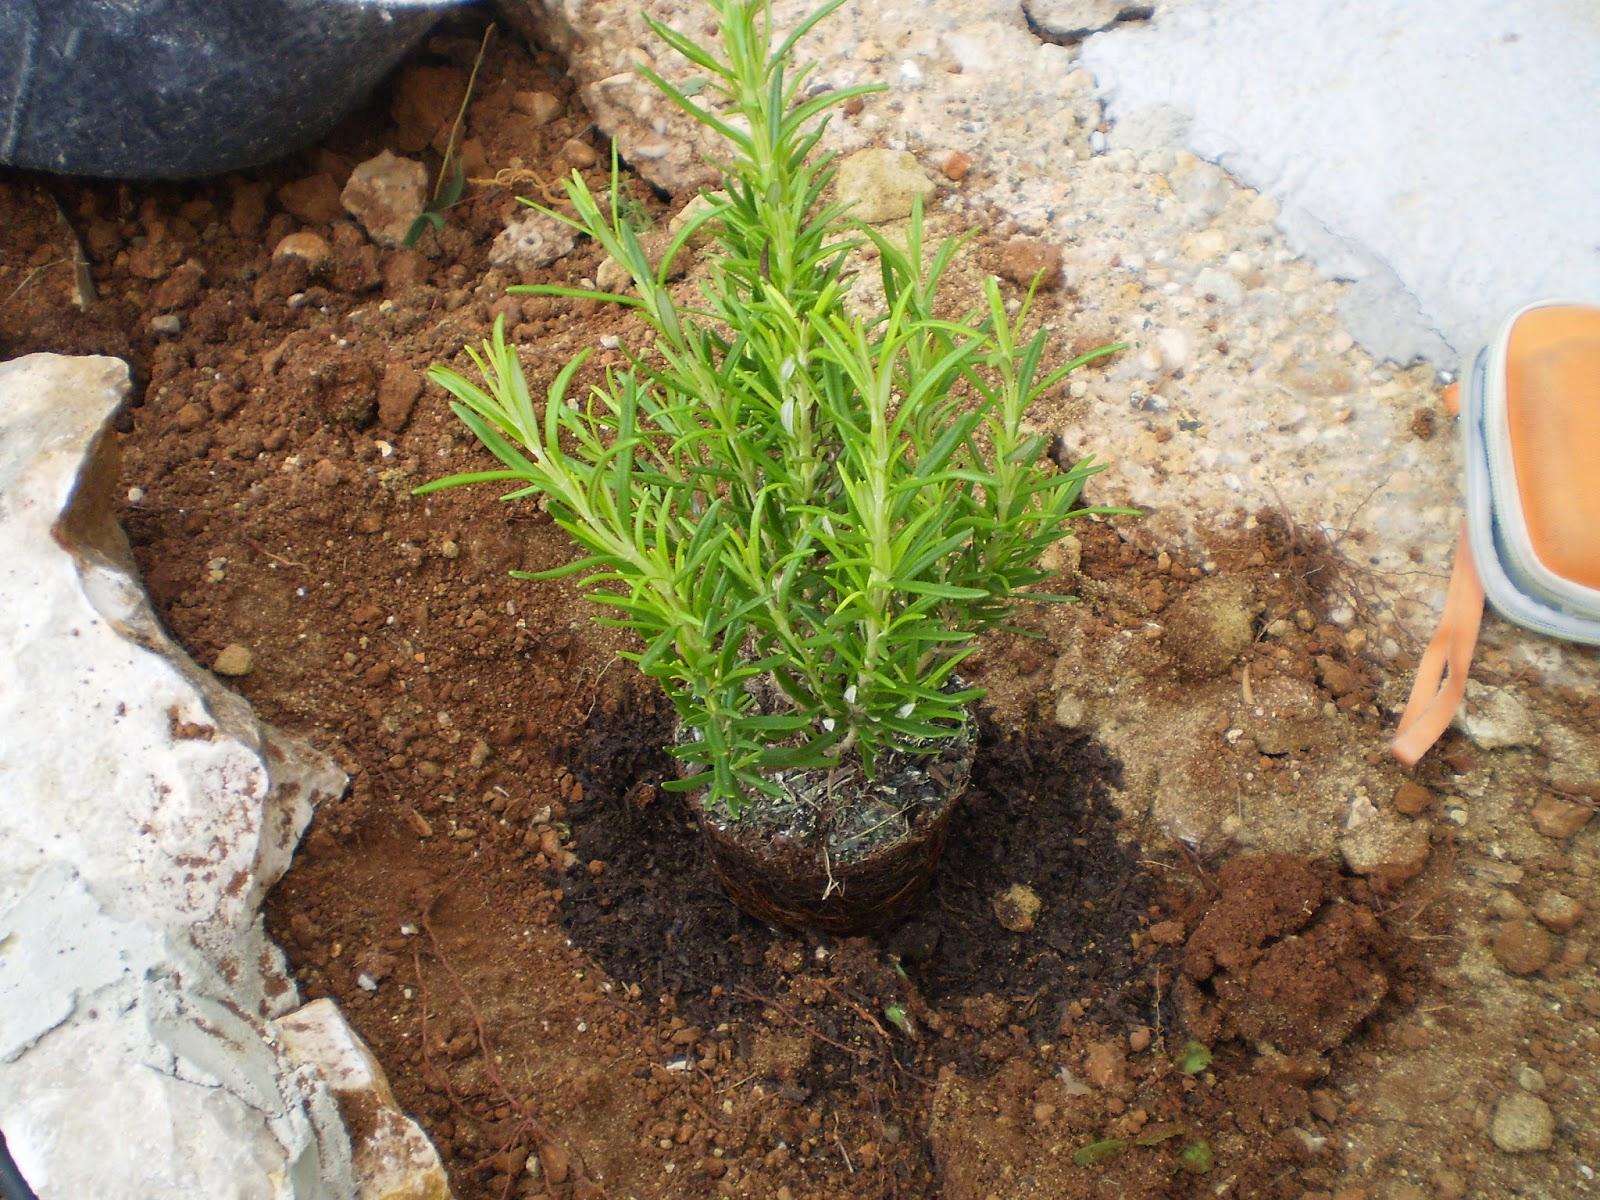 Cultivar el huerto casero plantando romero y tomillo - Plantar plantas aromaticas ...